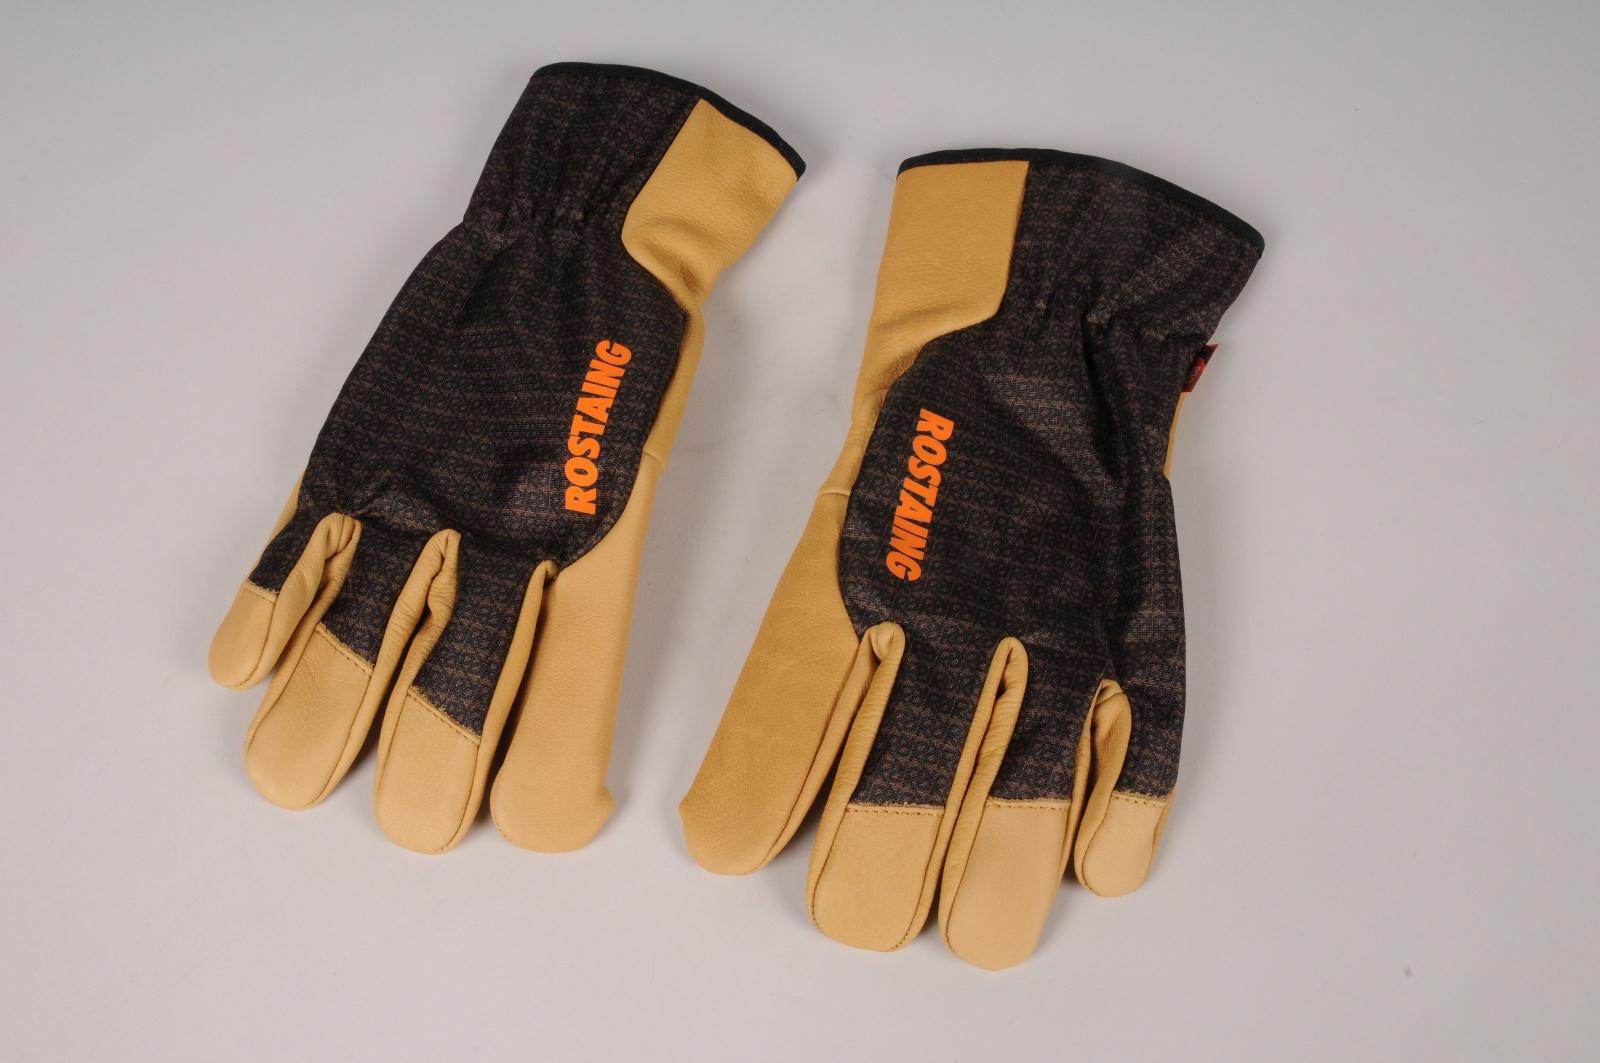 A043JE Paire de gants Sequoia taille 10